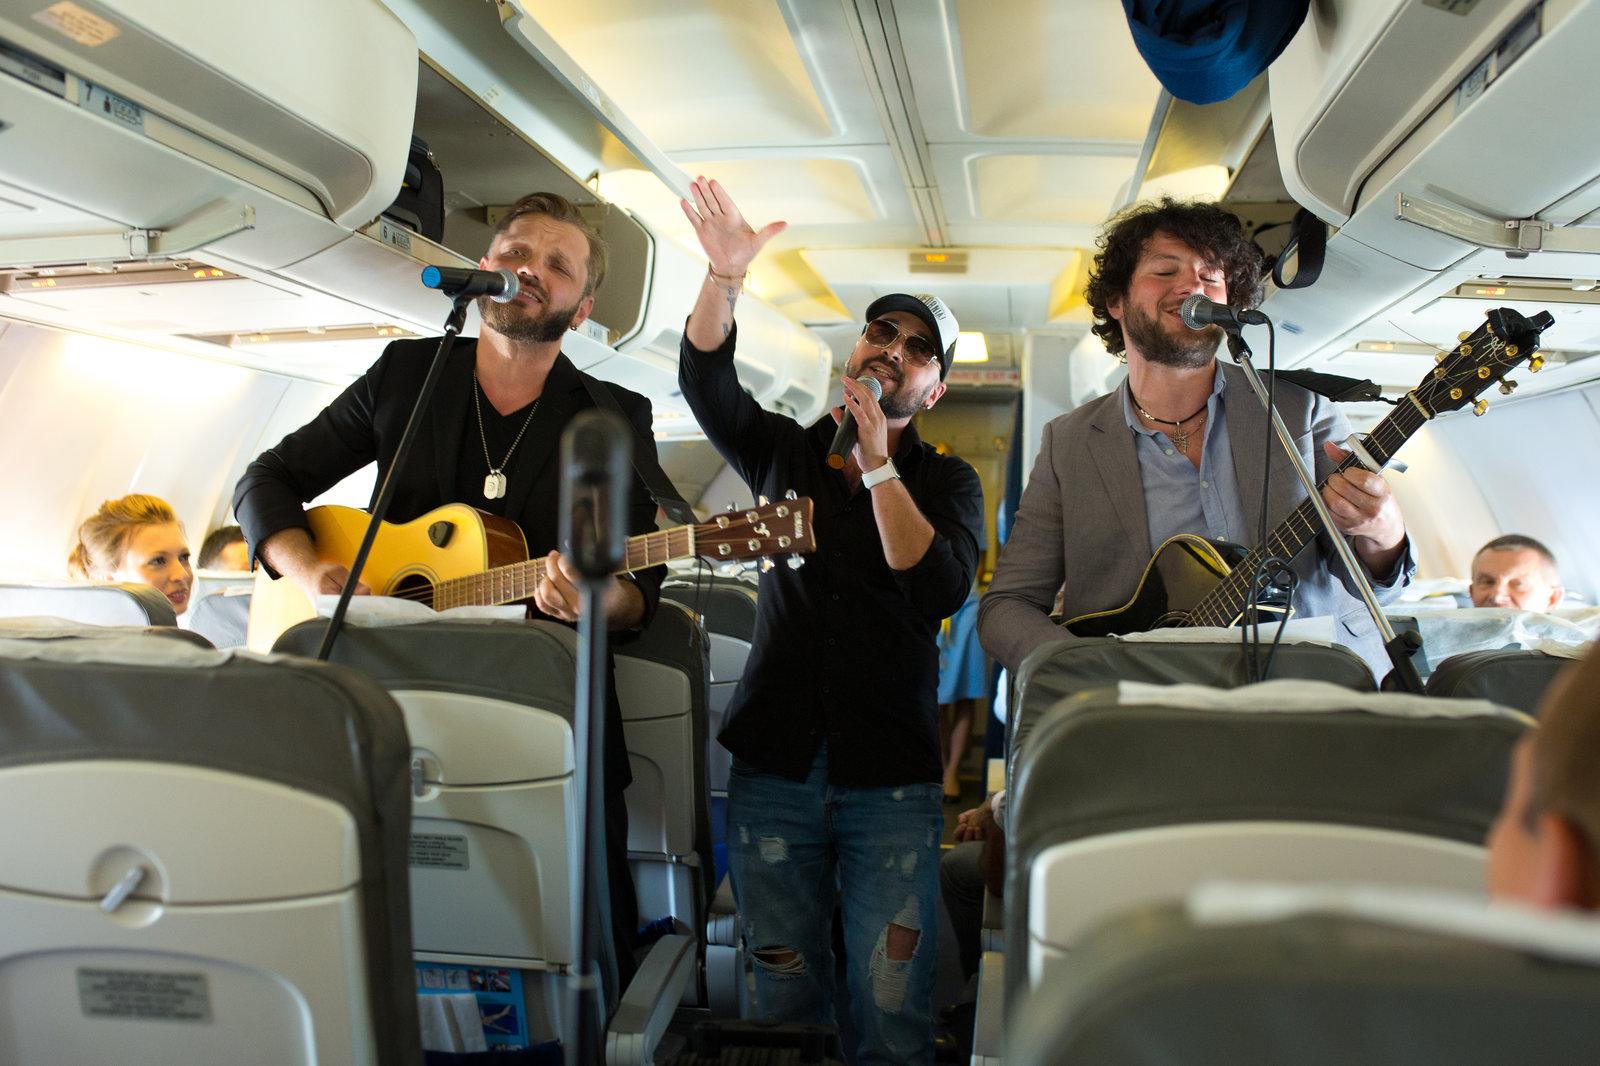 bravo airways запустила новые рейсы в Люблин из трех украинских городов Bravo Airways запустила новые рейсы в Люблин из трех украинских городов aviatori 2